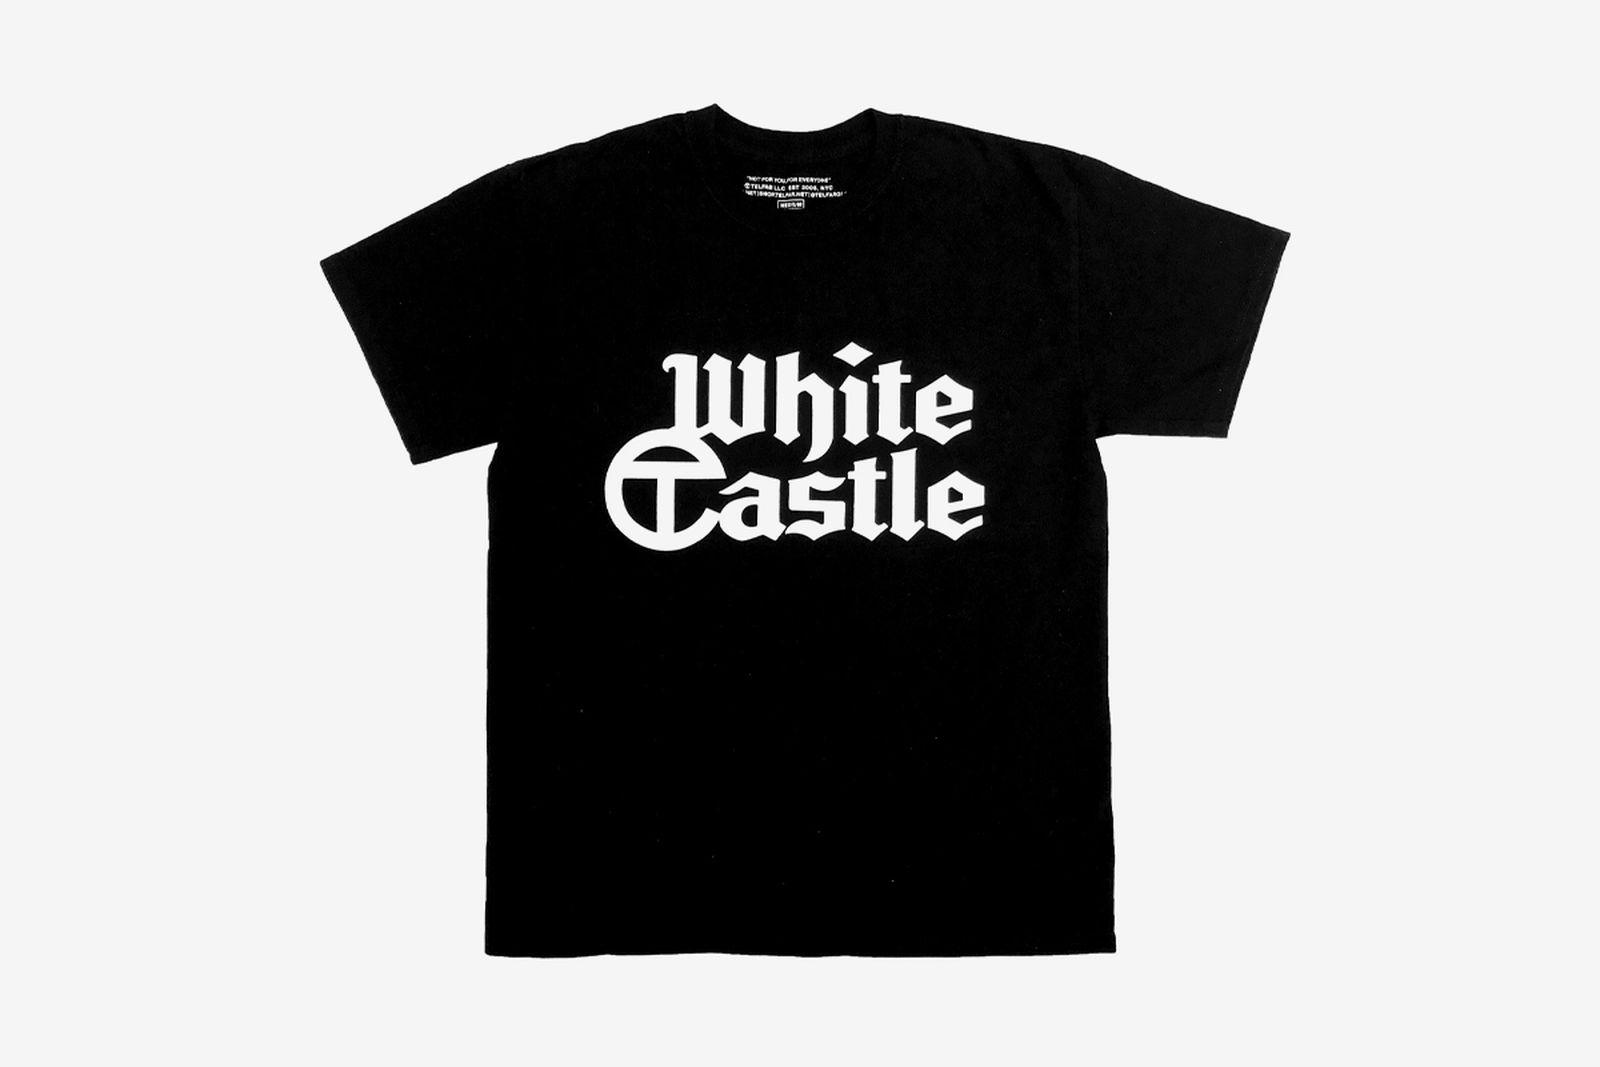 telfar-white-castle-2020-01